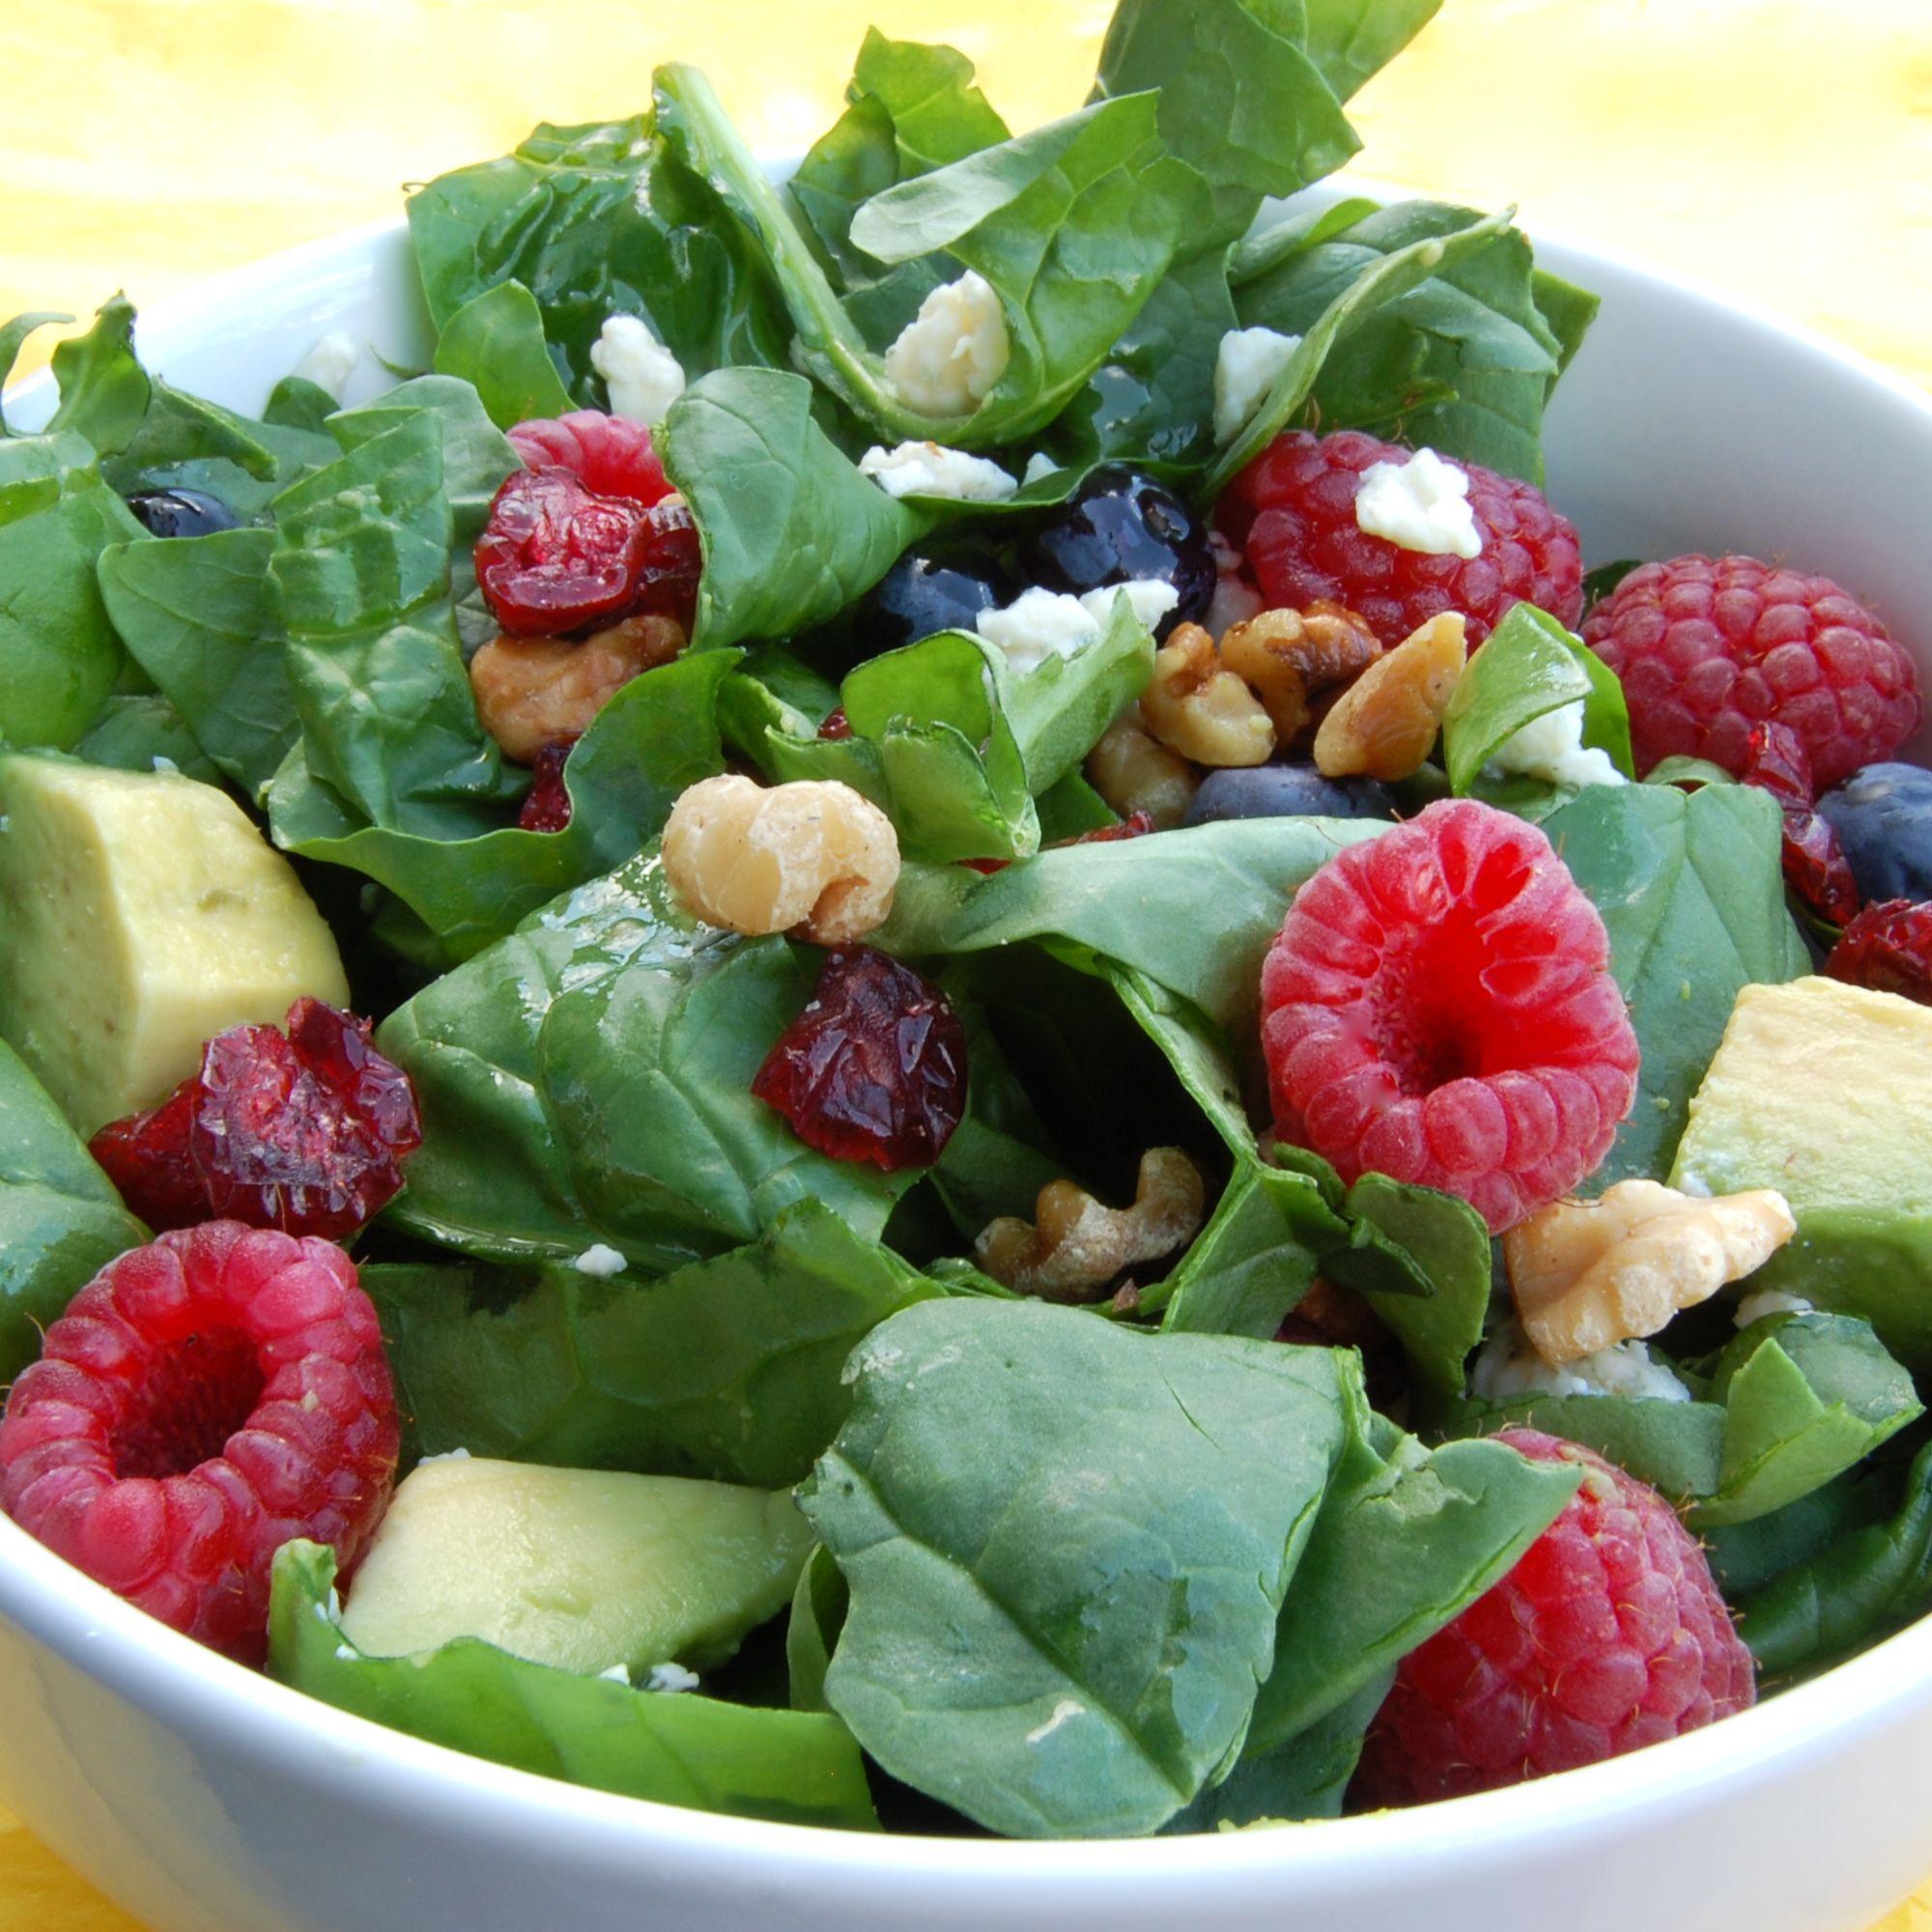 Raspberry And Walnut Kitchen: Spinach Salad W/fruit, Walnuts And Raspberry Walnut